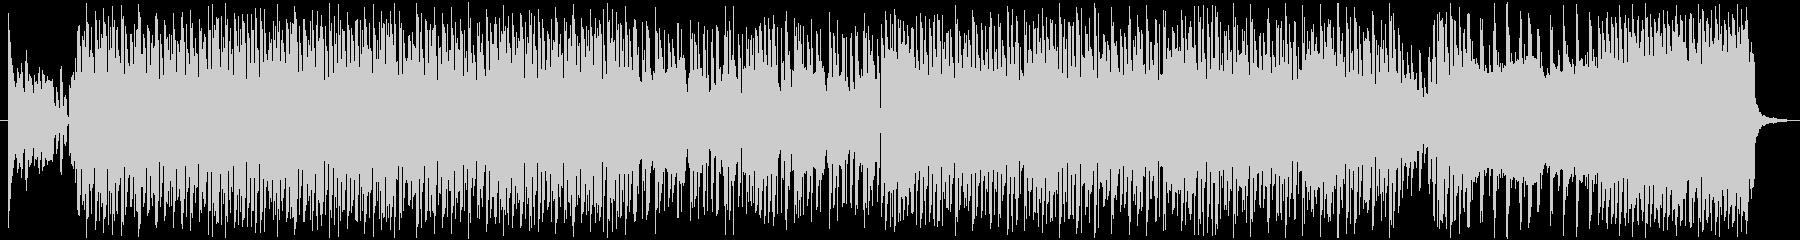 ギャグやコミカルな雰囲気の4つ打ちBGMの未再生の波形